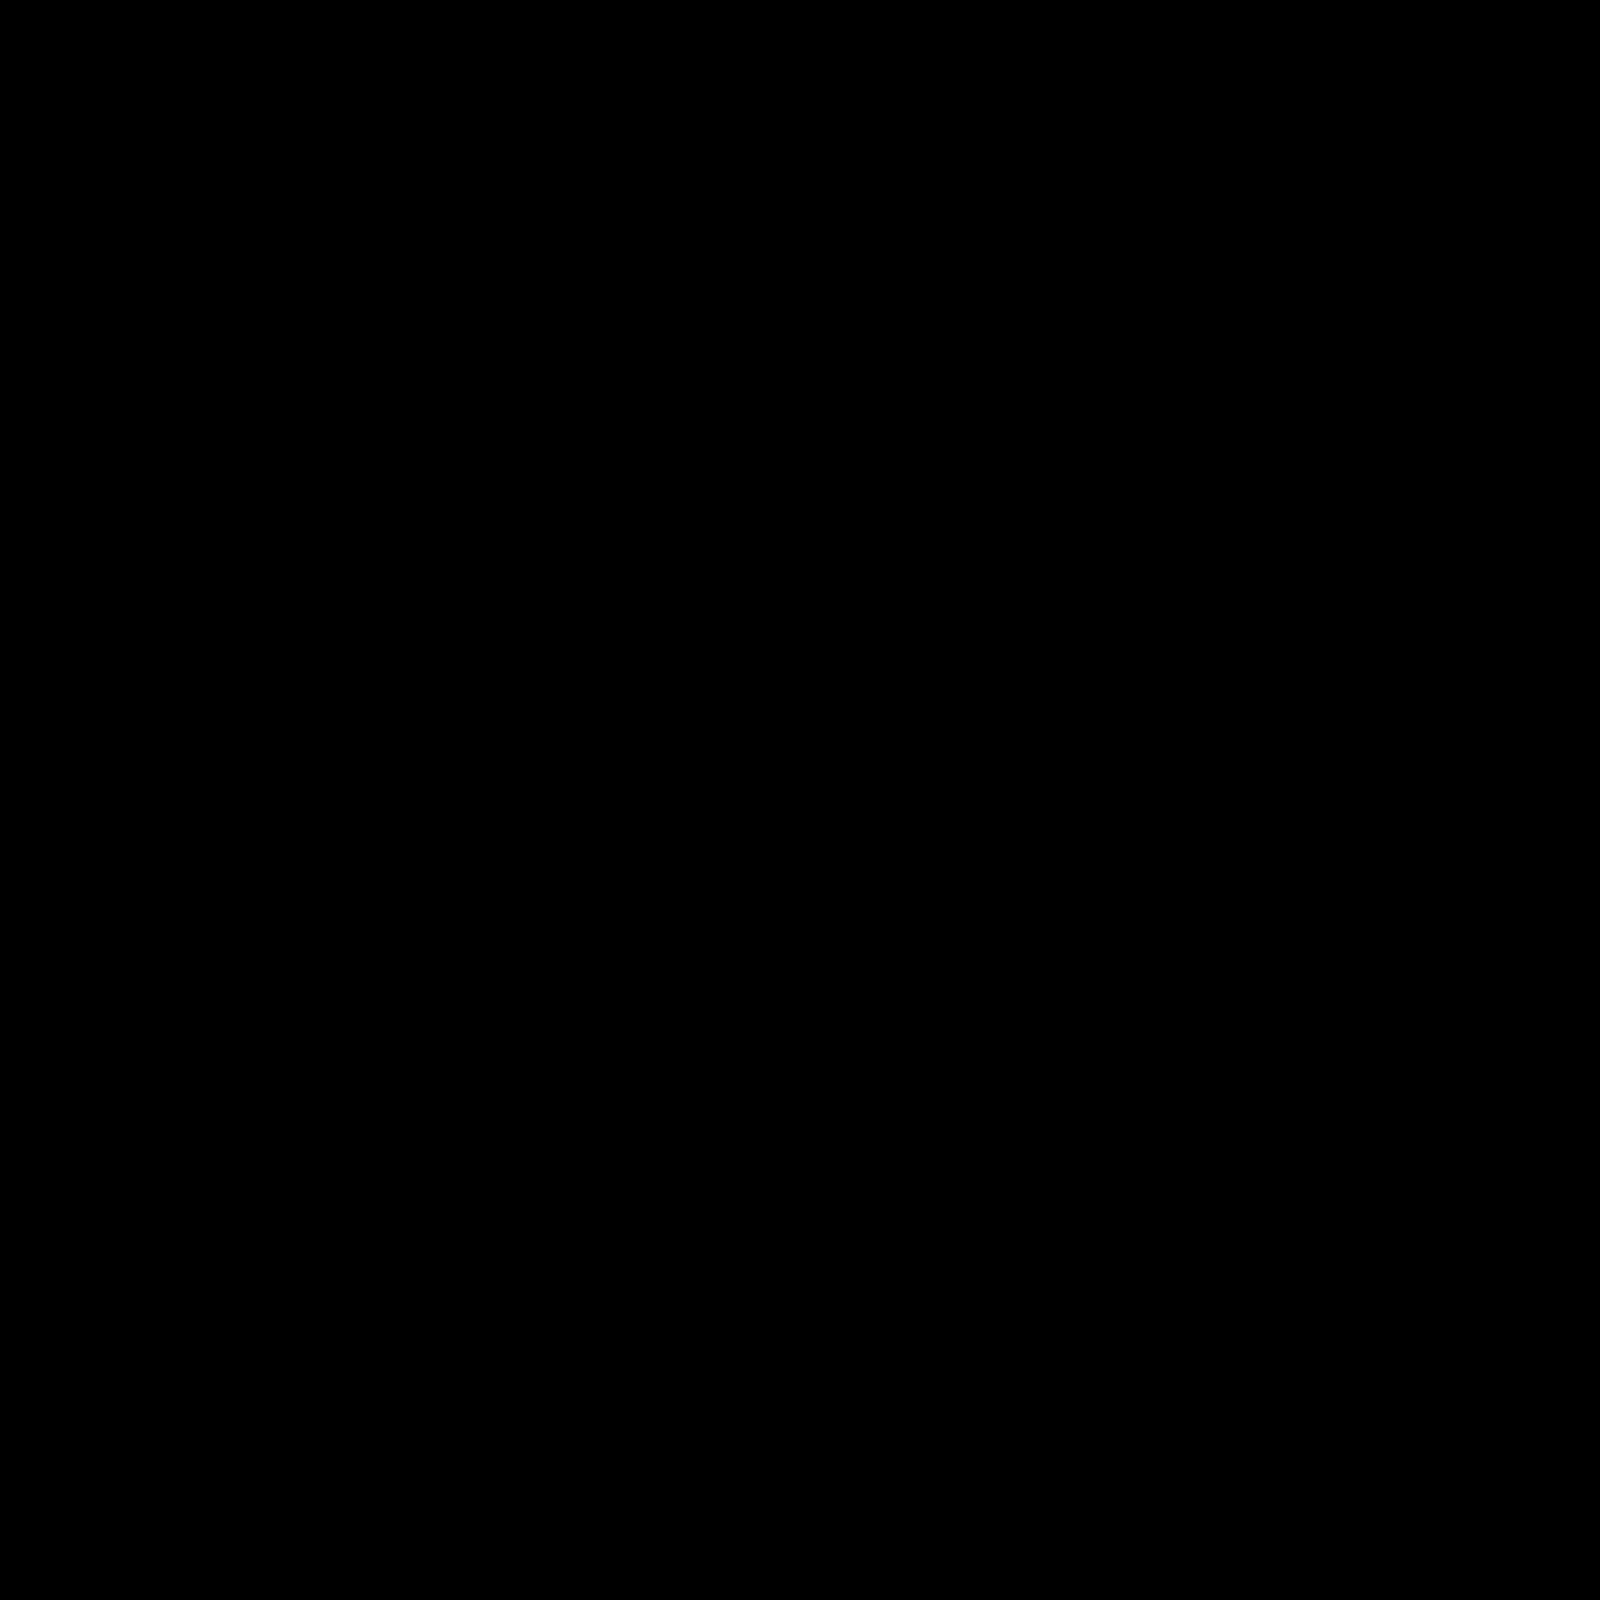 Compressor icon